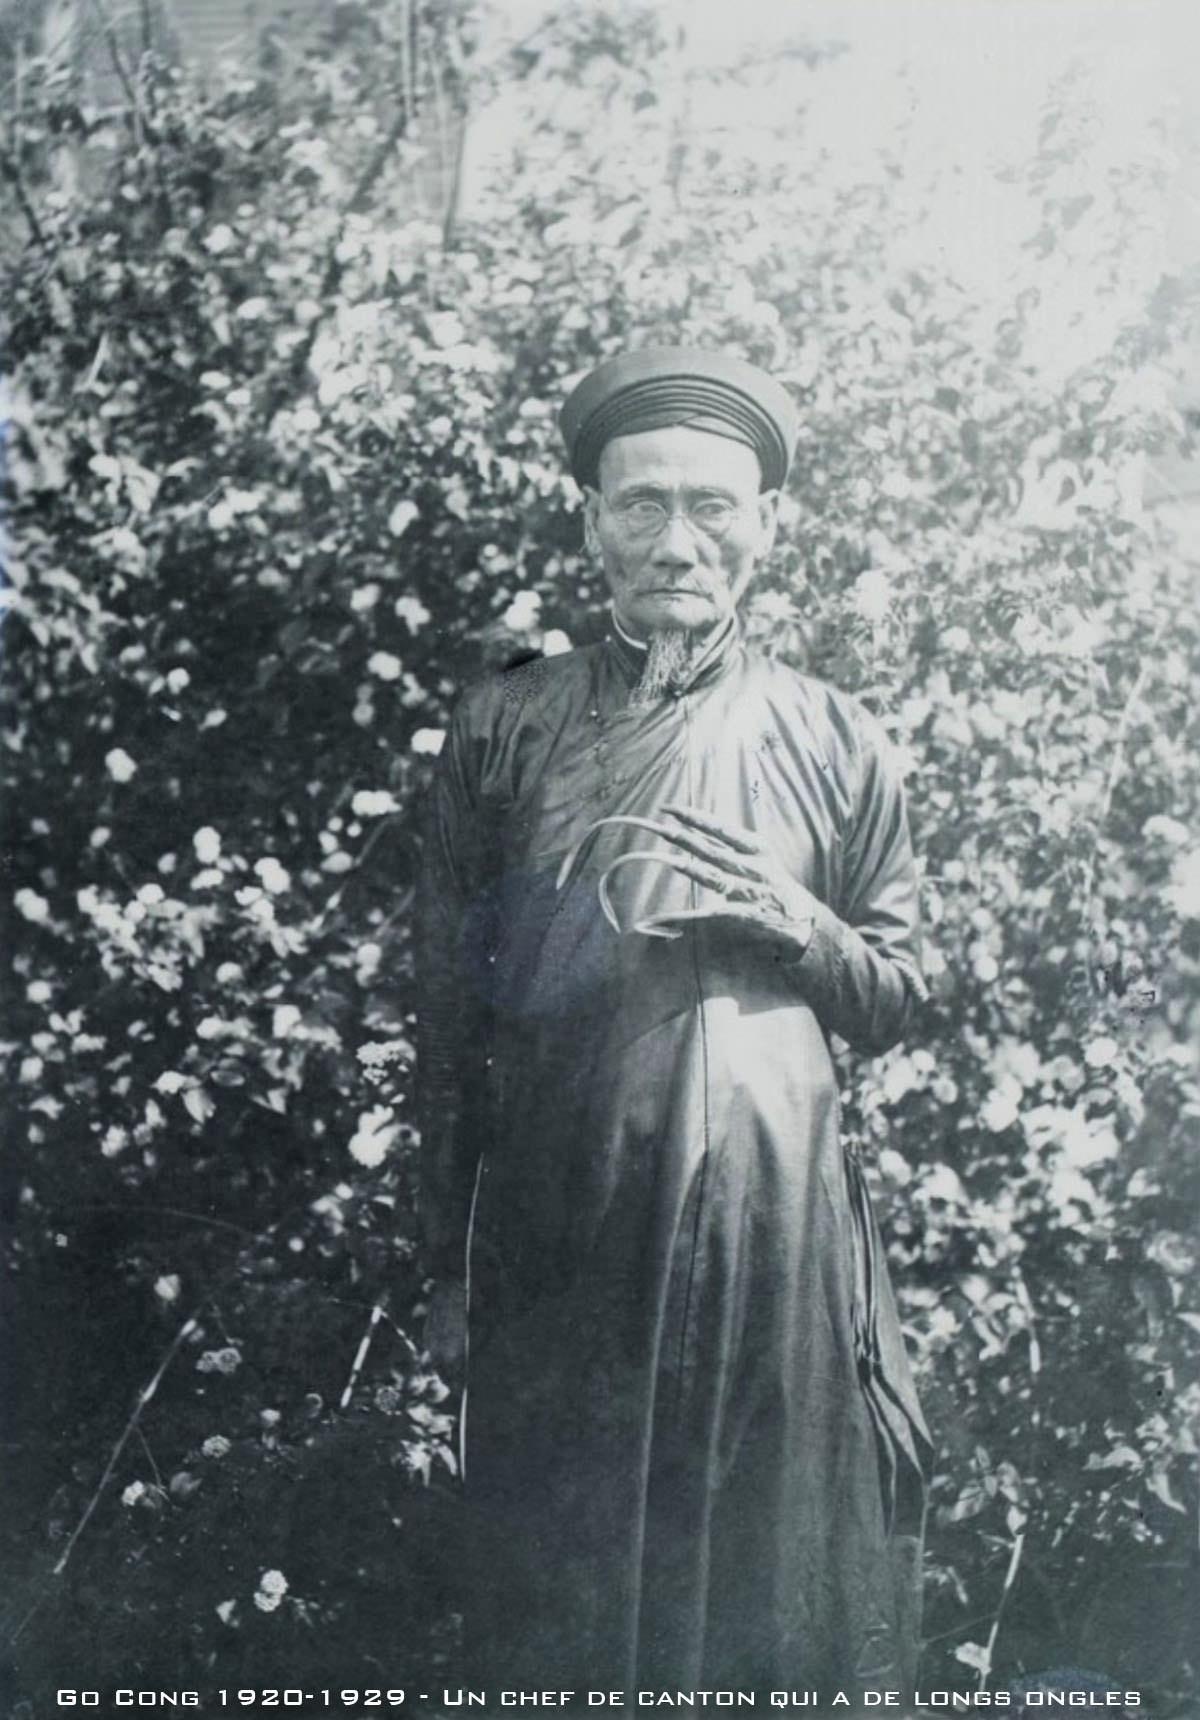 Để móng tay dài ngoằng - Xu hướng làm đẹp 'hot' nhất Việt Nam thập niên 1920